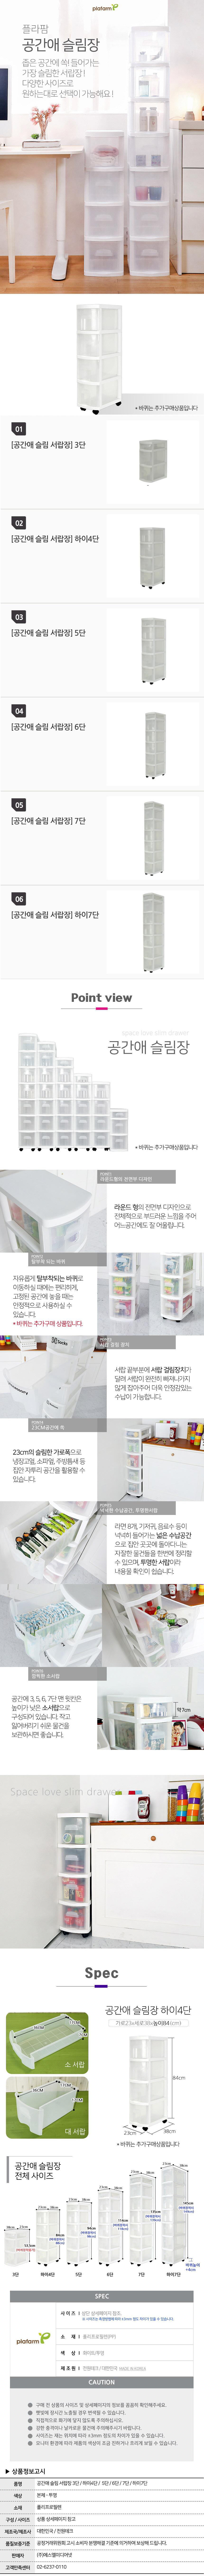 공간애슬림 서랍장 틈새수납장 수납용품 정리 서랍장